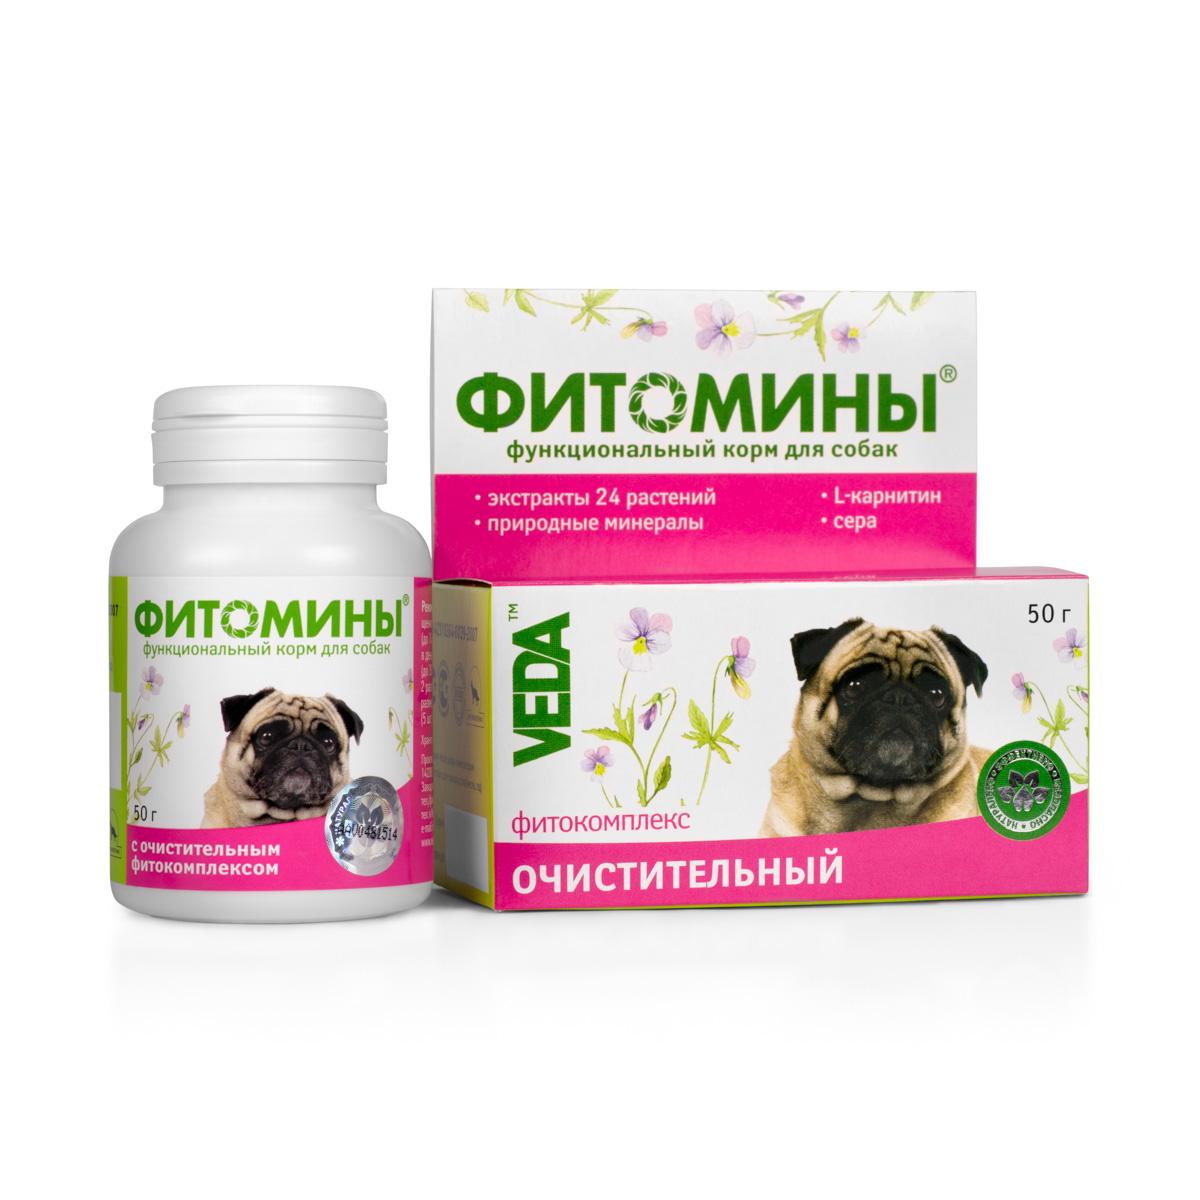 Фото - Корм для собак VEDA Фитомины, функциональный, с очистительным фитокомплексом, 50 г сорные травы